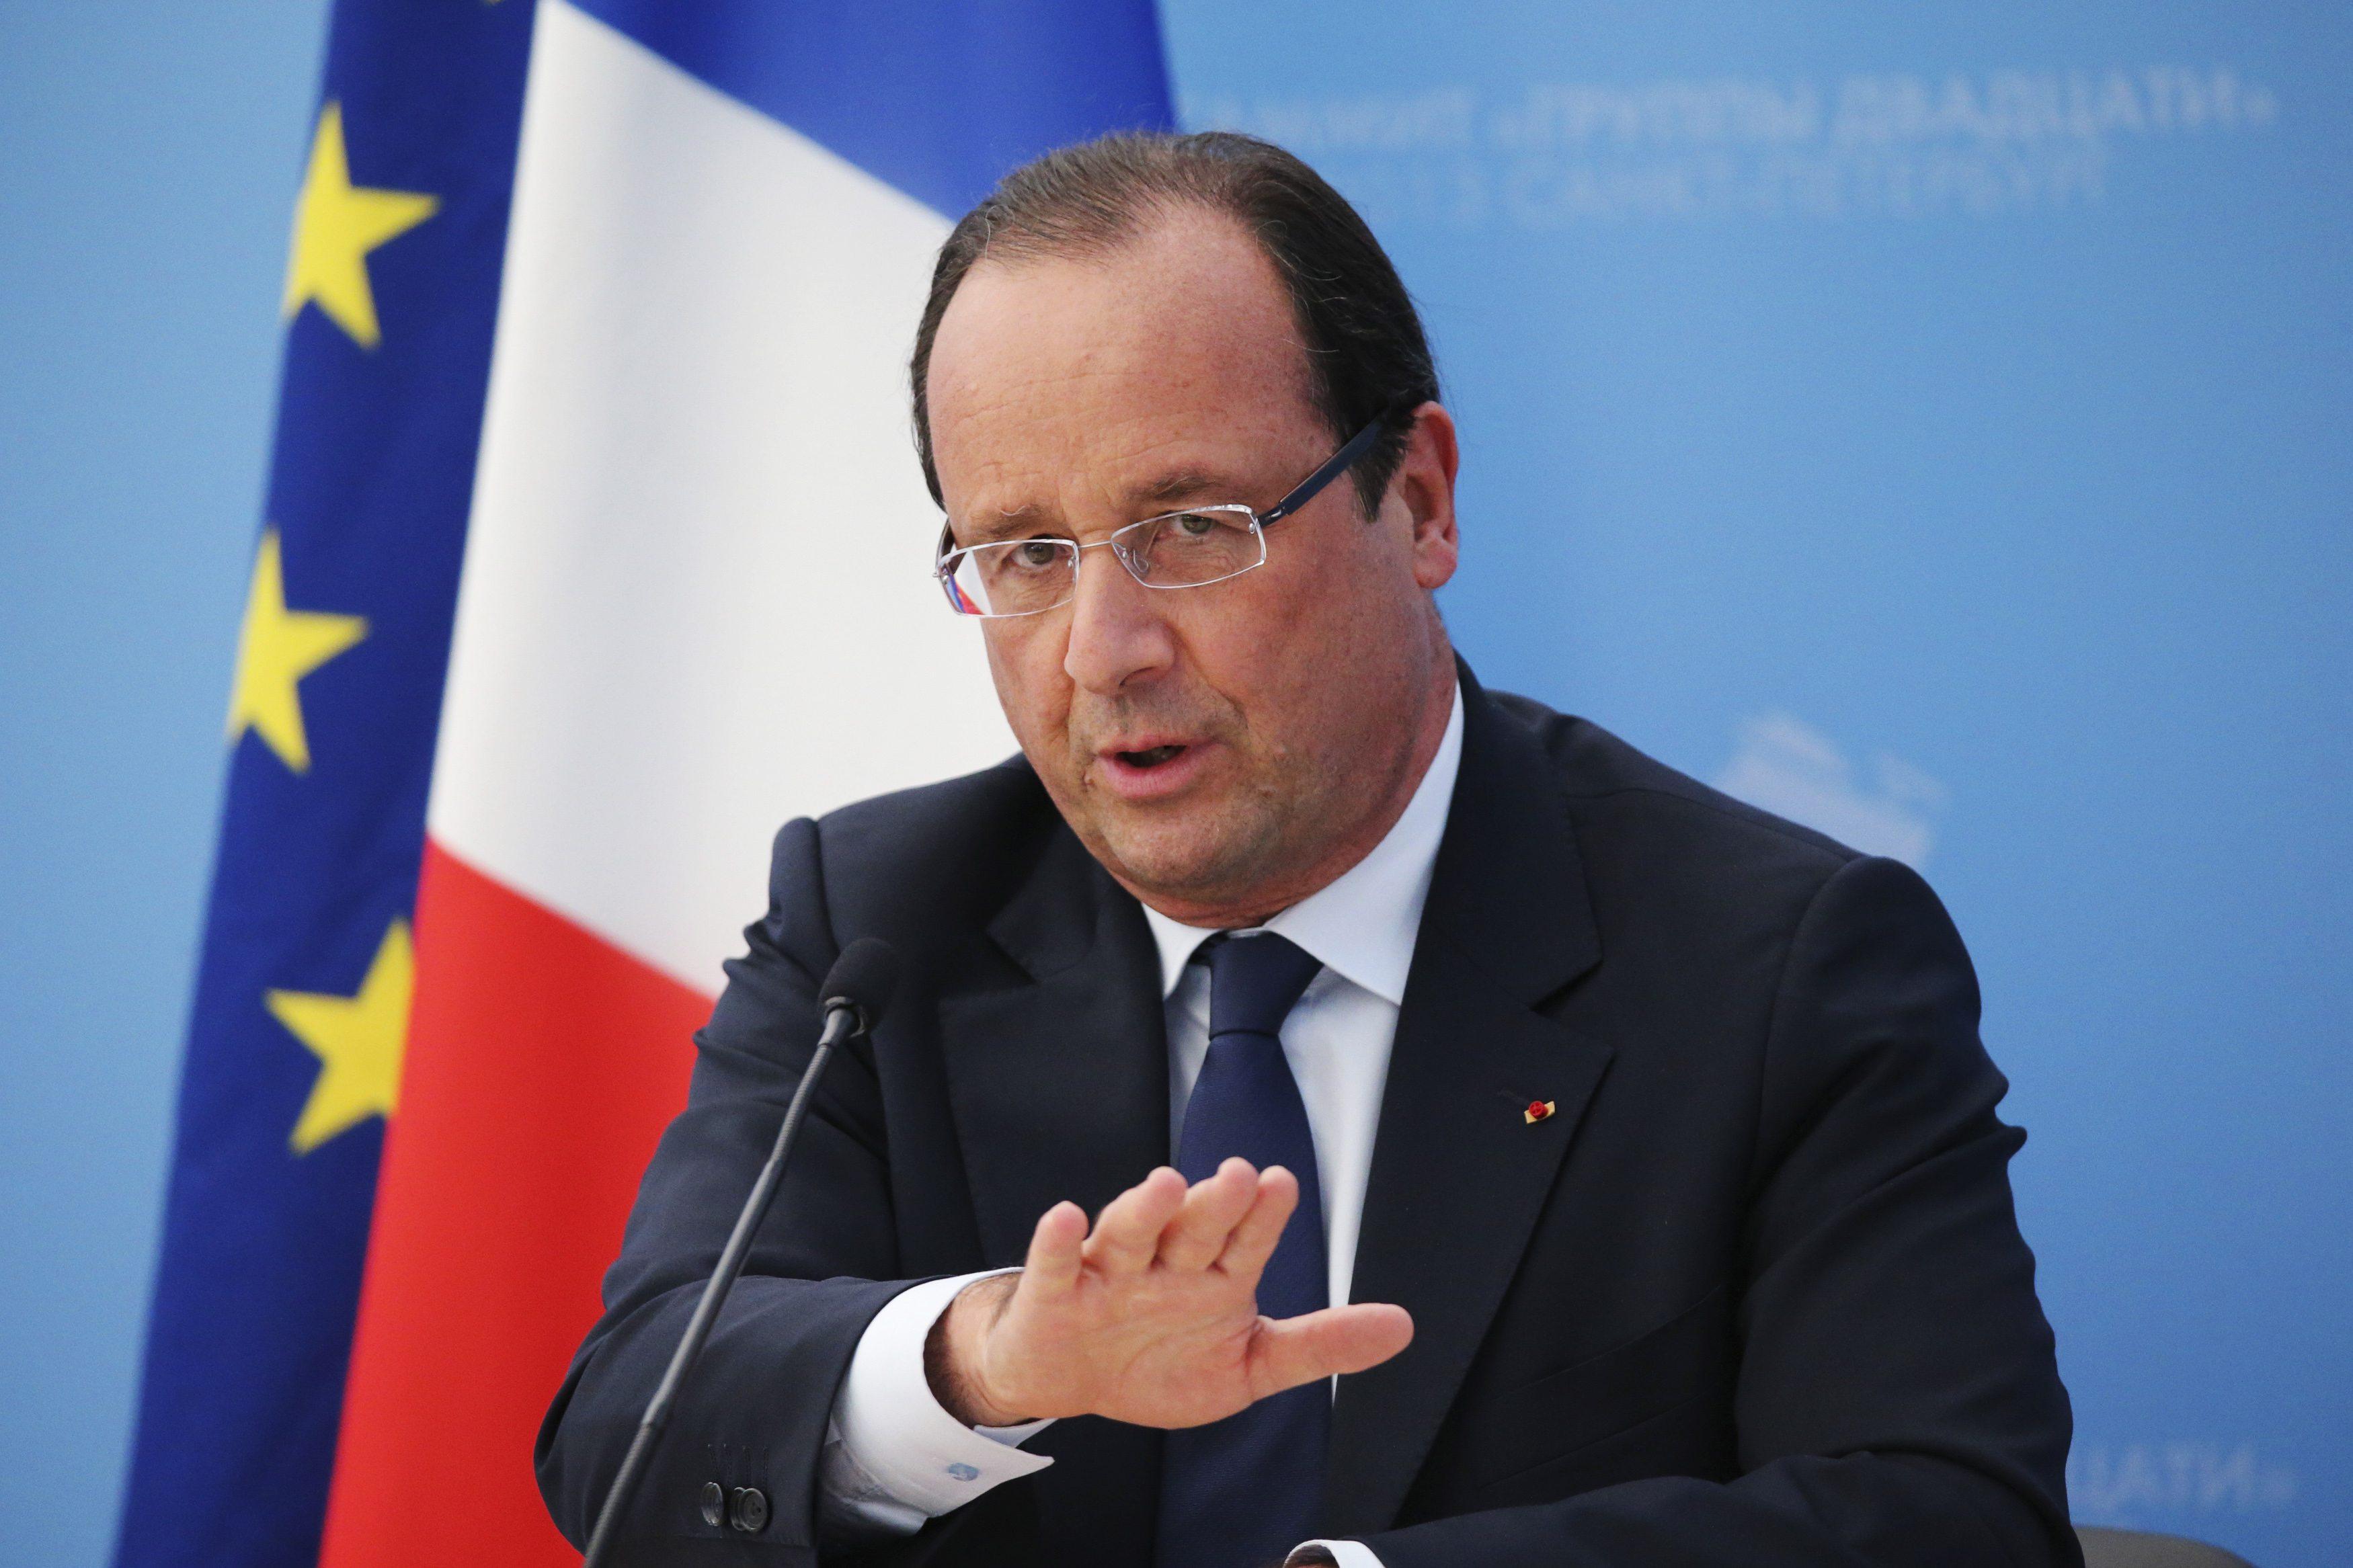 Francia: Hollande registra récord de desaprobación en plena cursa hacia las primarias